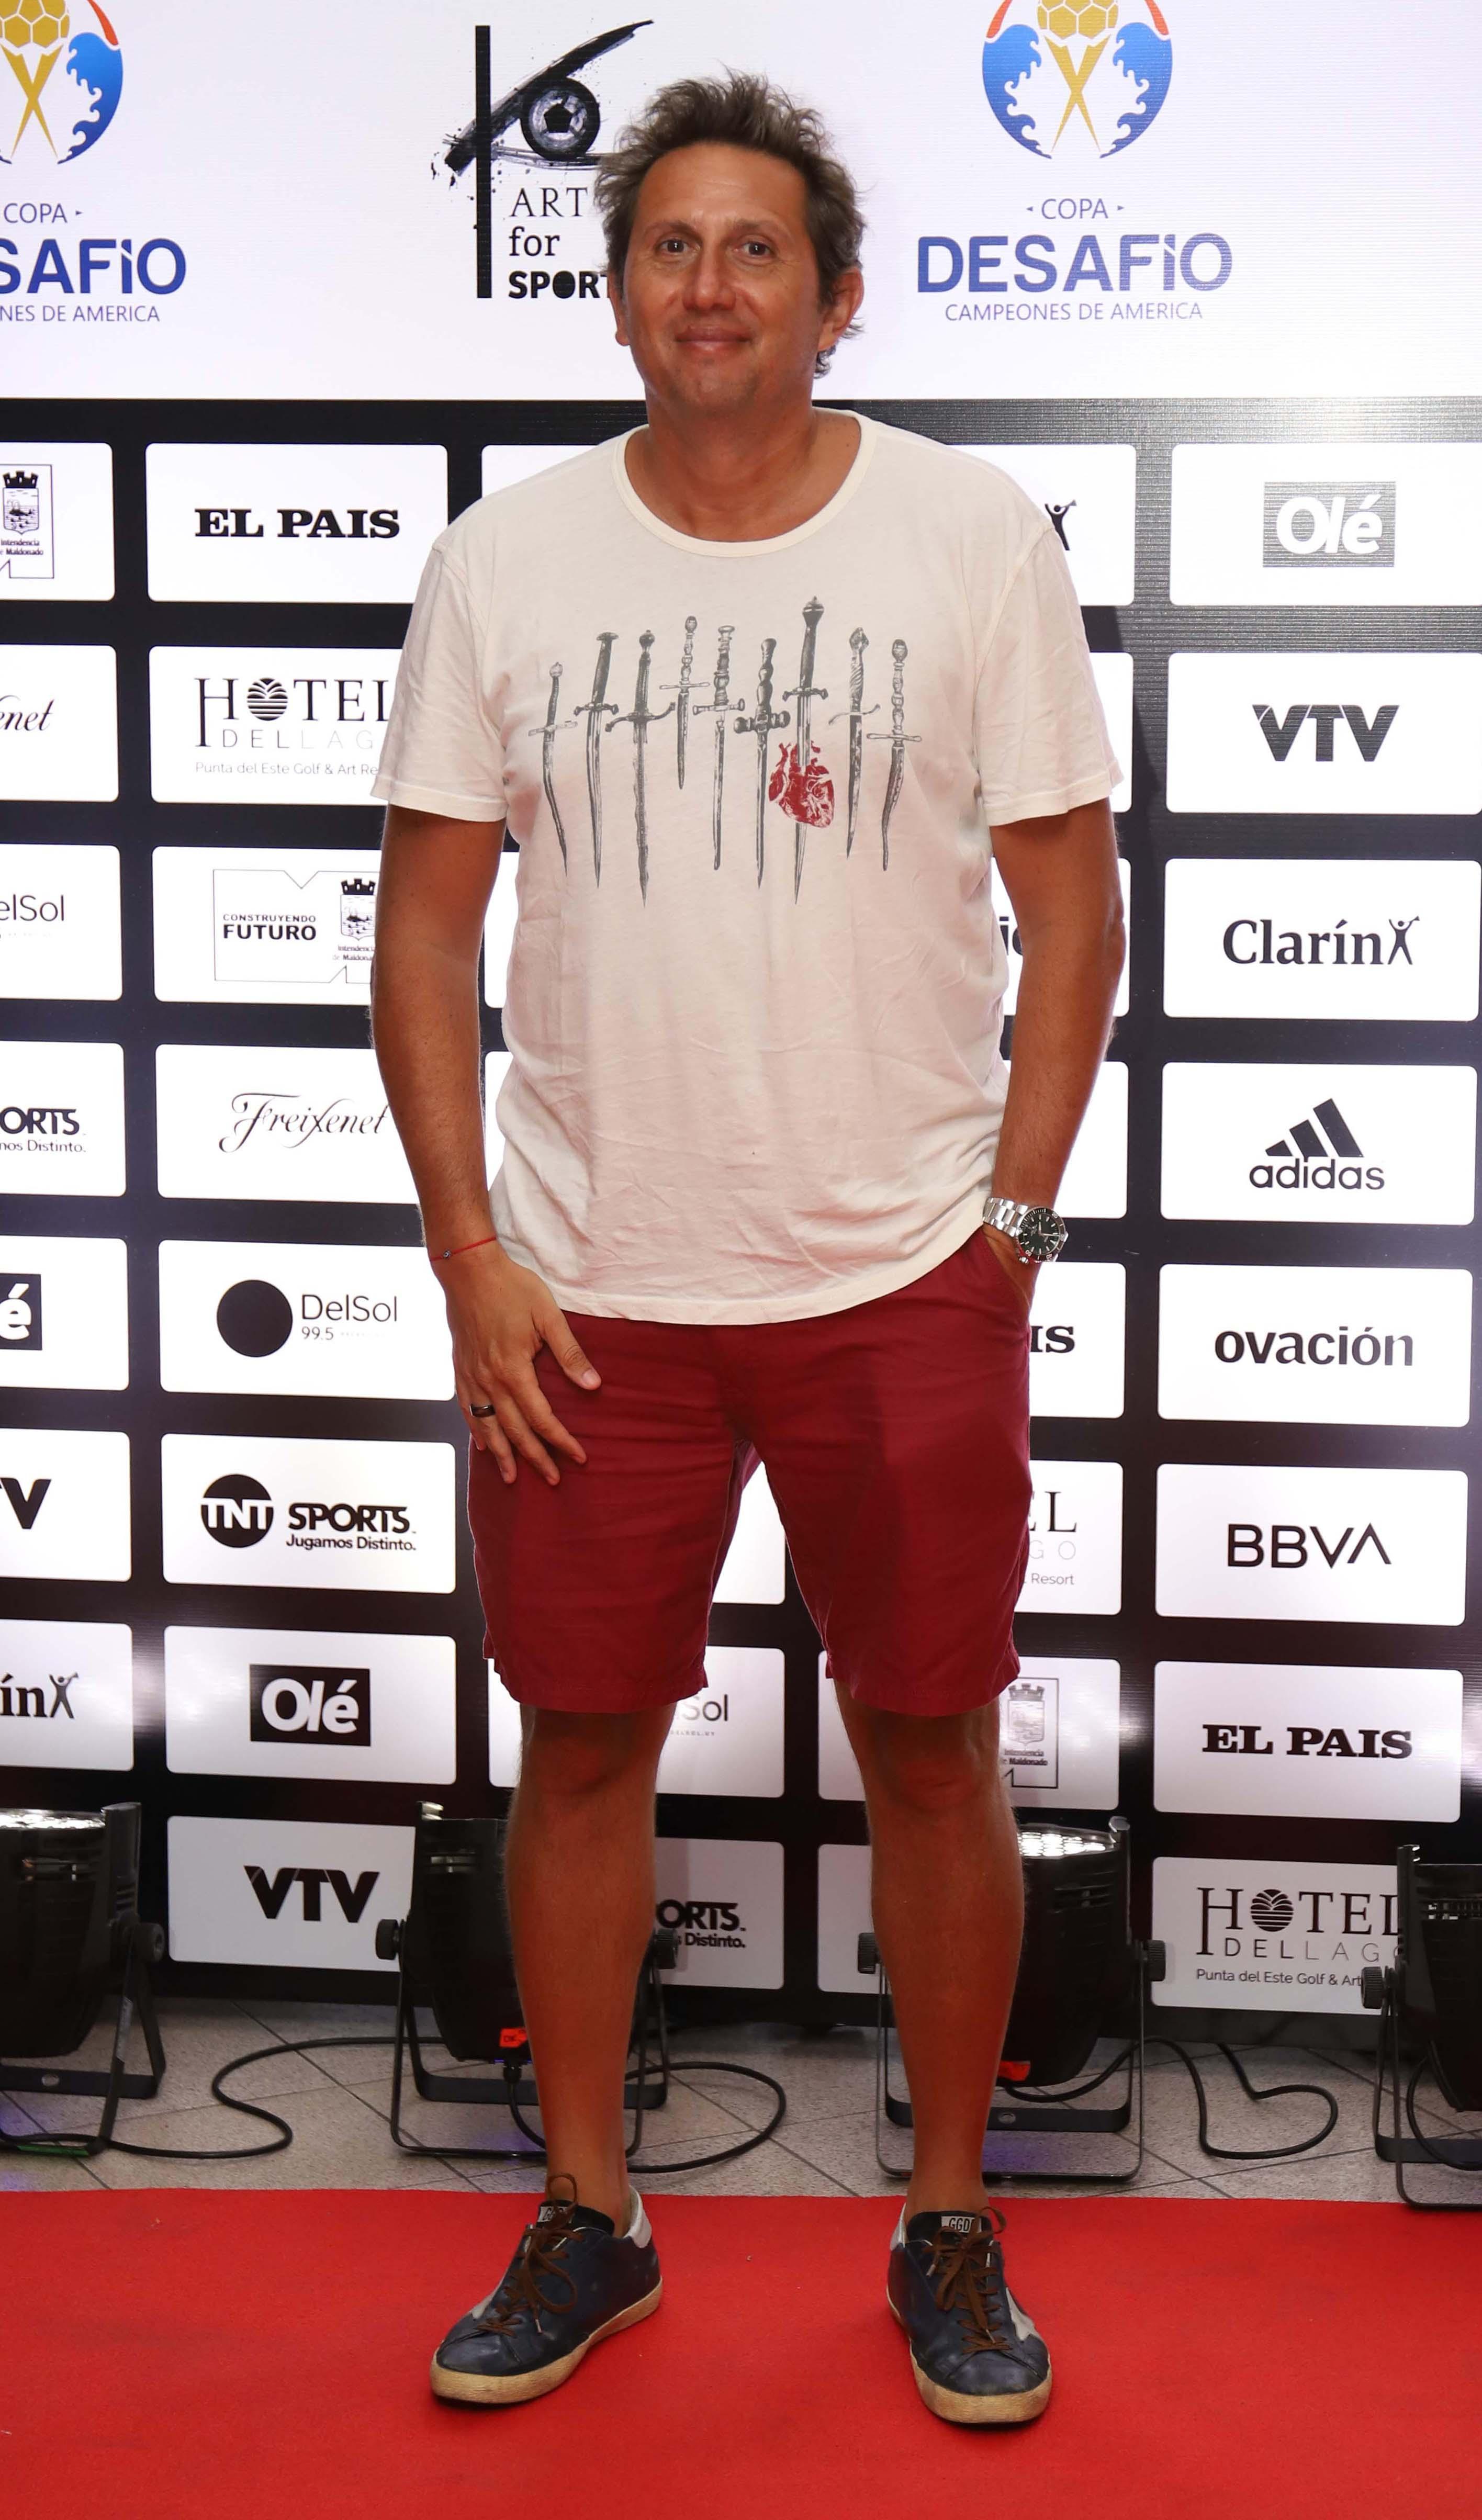 Juan Pablo Varsky en la cancha